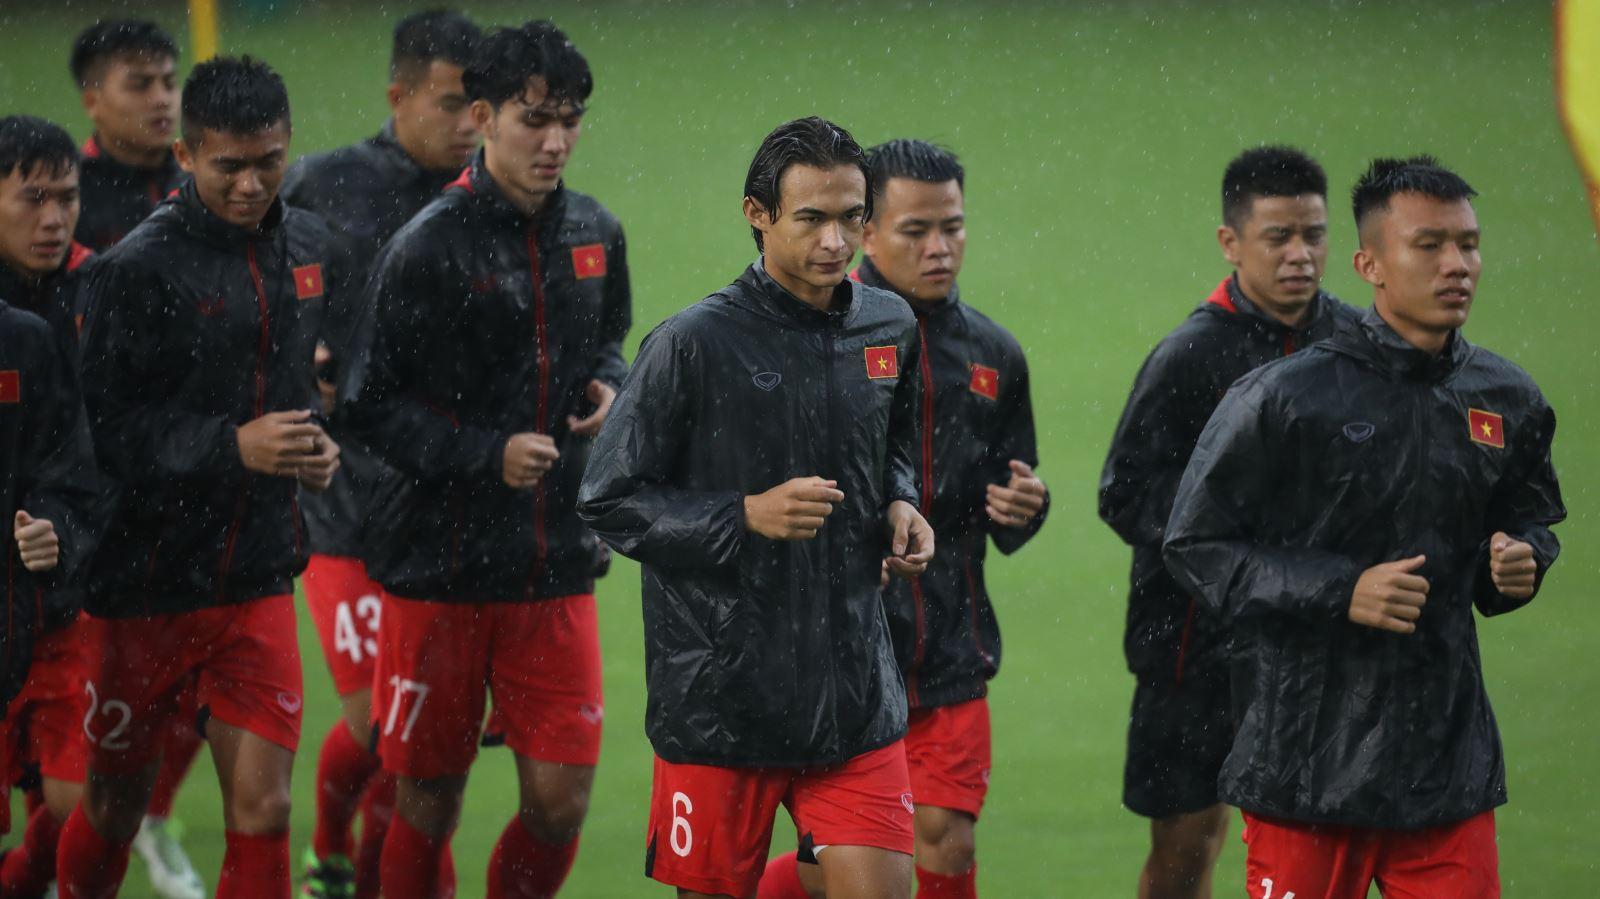 Bóng đá Việt Nam hôm nay: U22 Việt Nam thi đấu nội bộ. CLB TPHCM kháng án